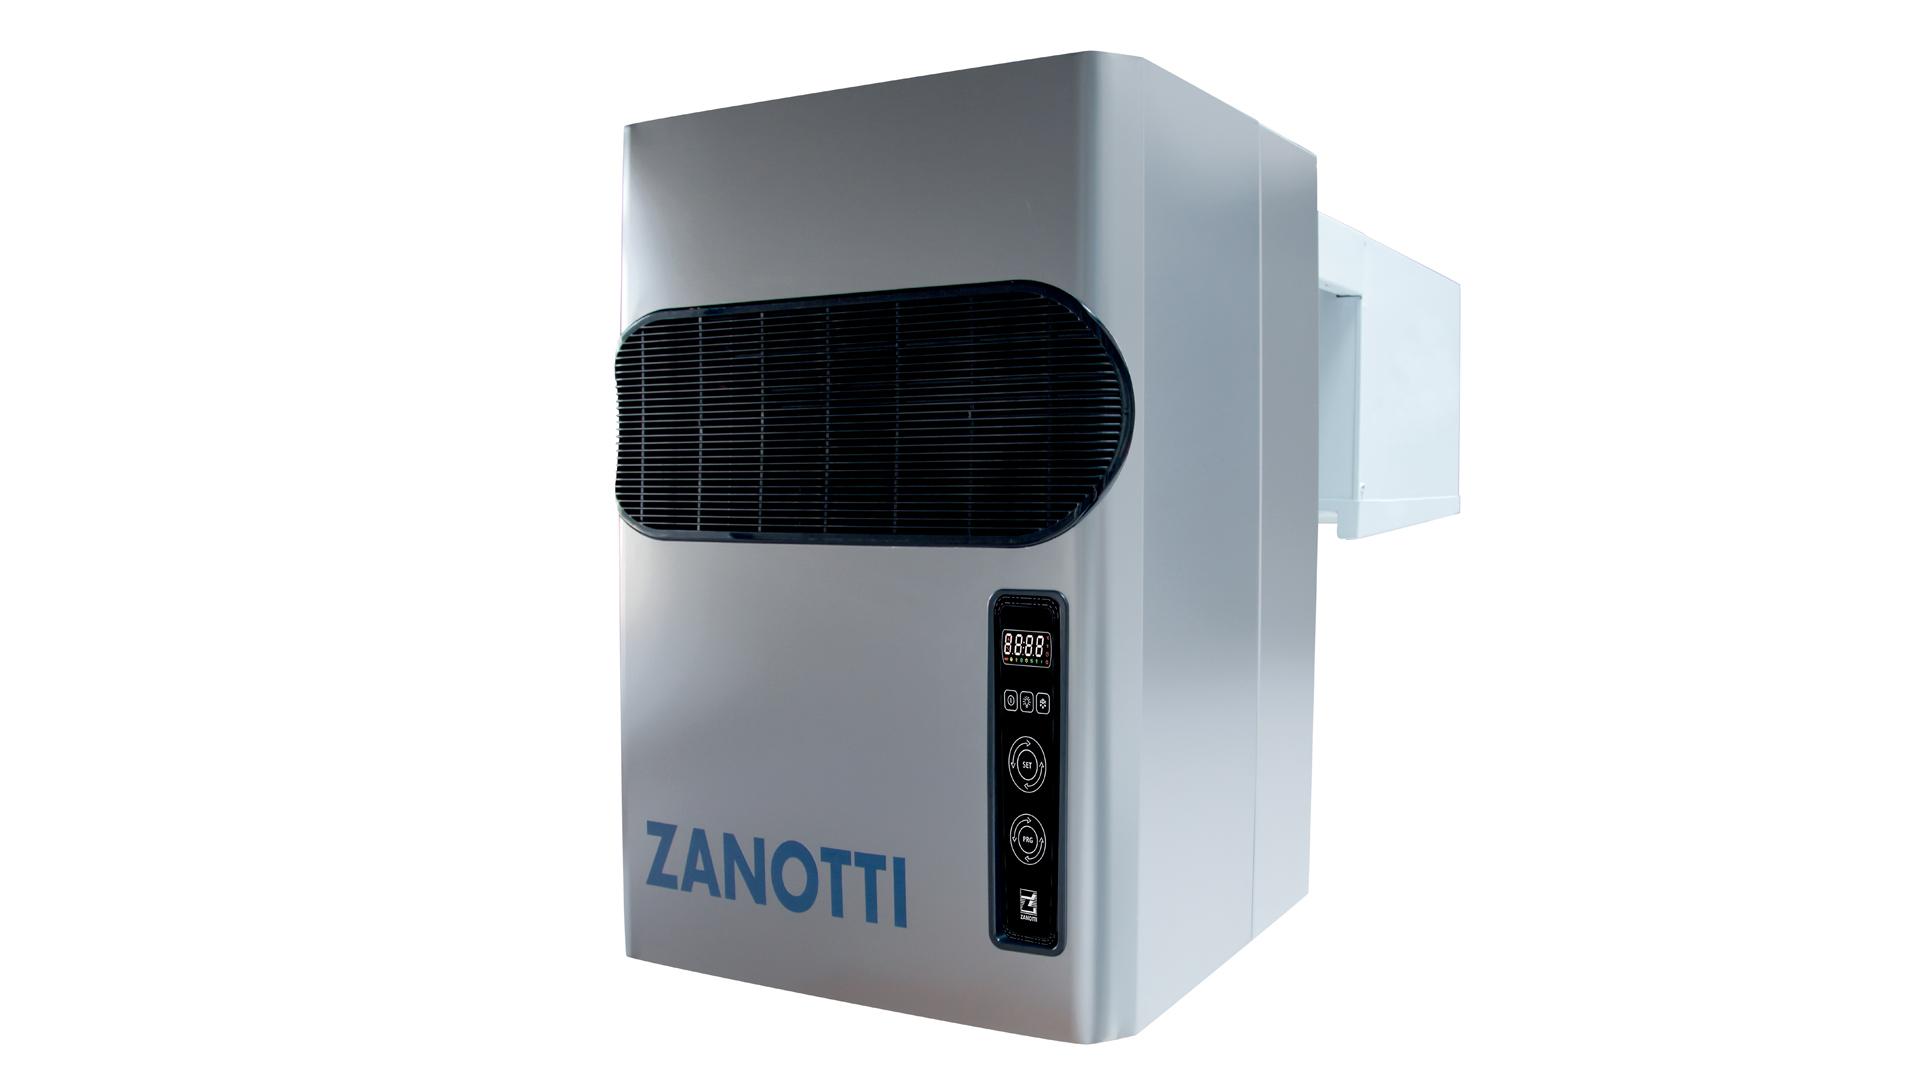 Gruppi monoblocco per impianti frigoriferi, modello Zanotti GM3